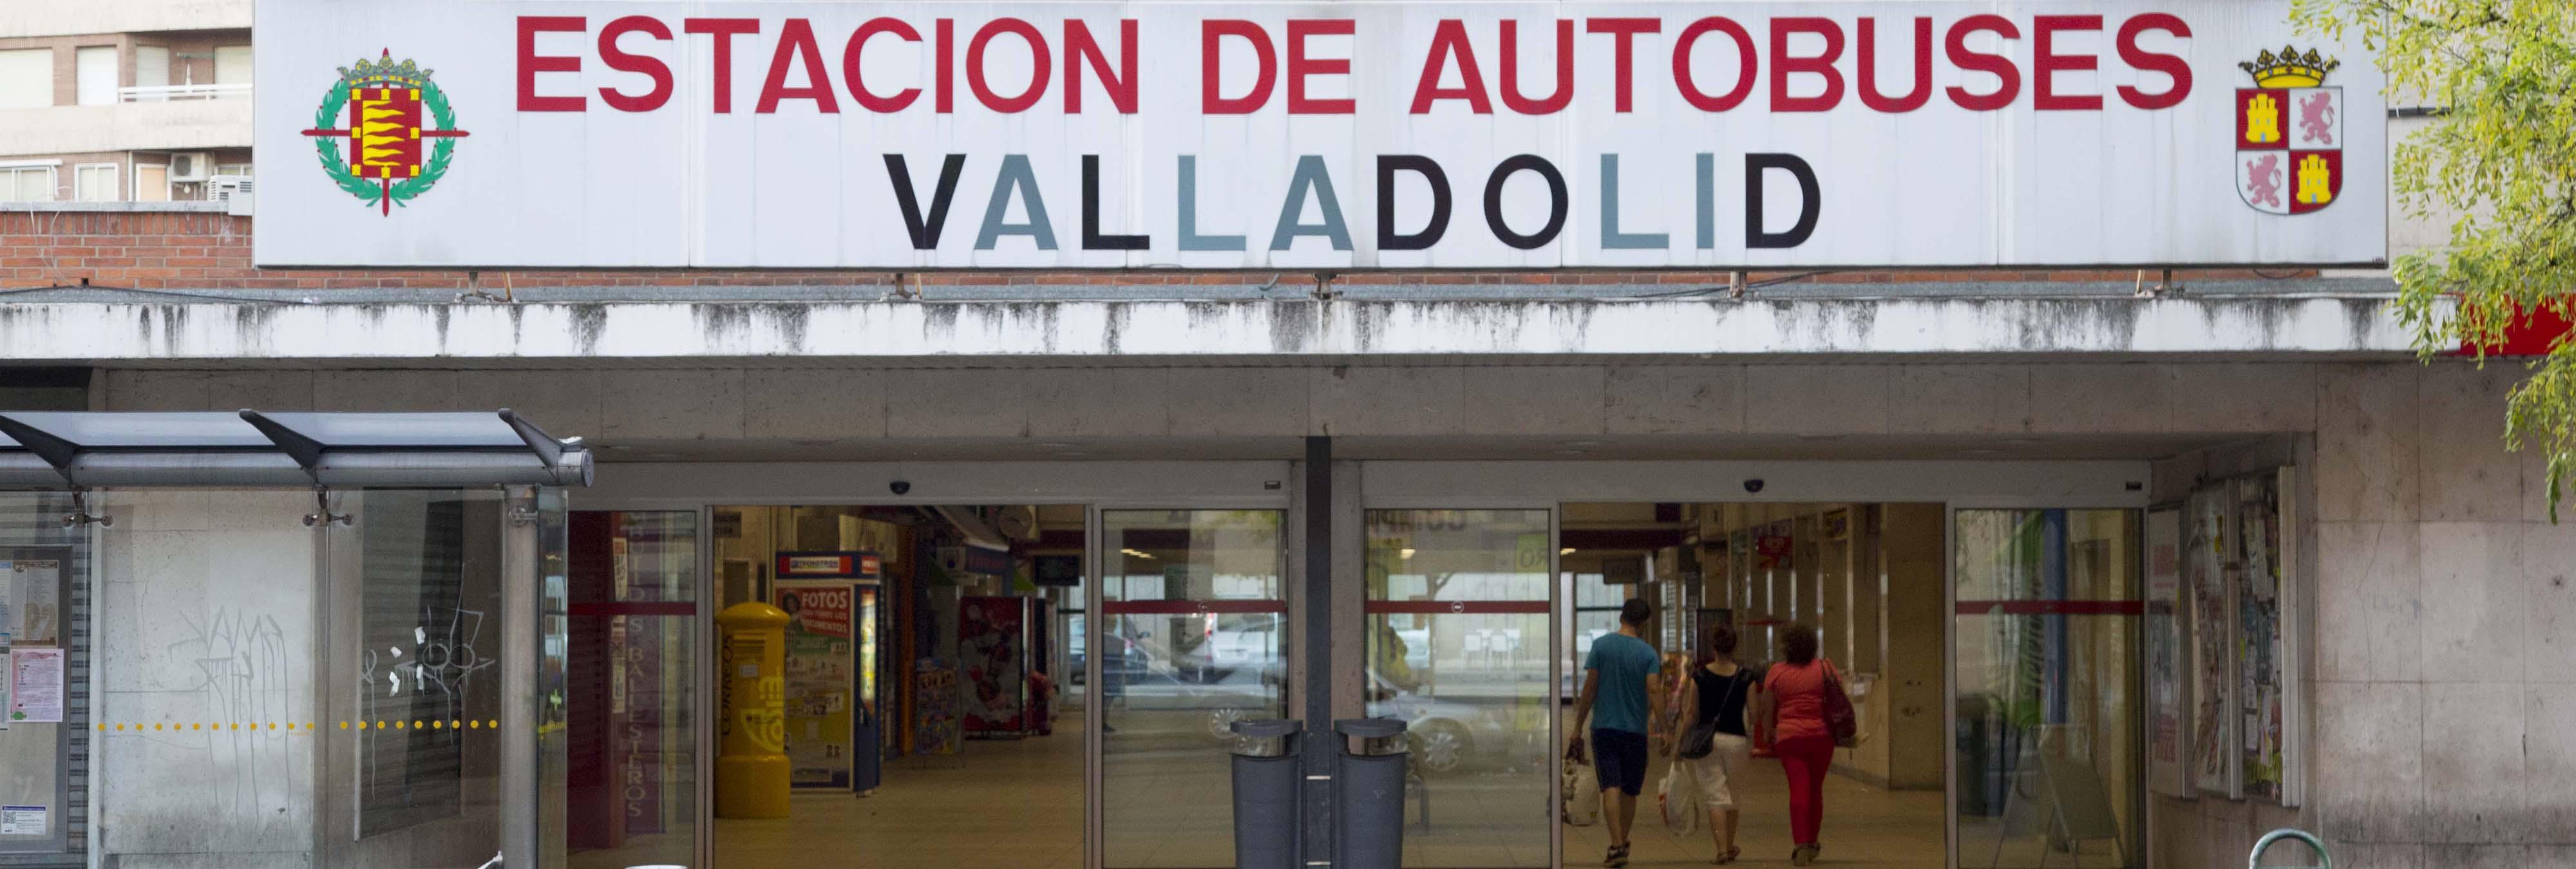 Un hombre denuncia a otro tras pagarle por tener sexo en la estación de buses de Valladolid